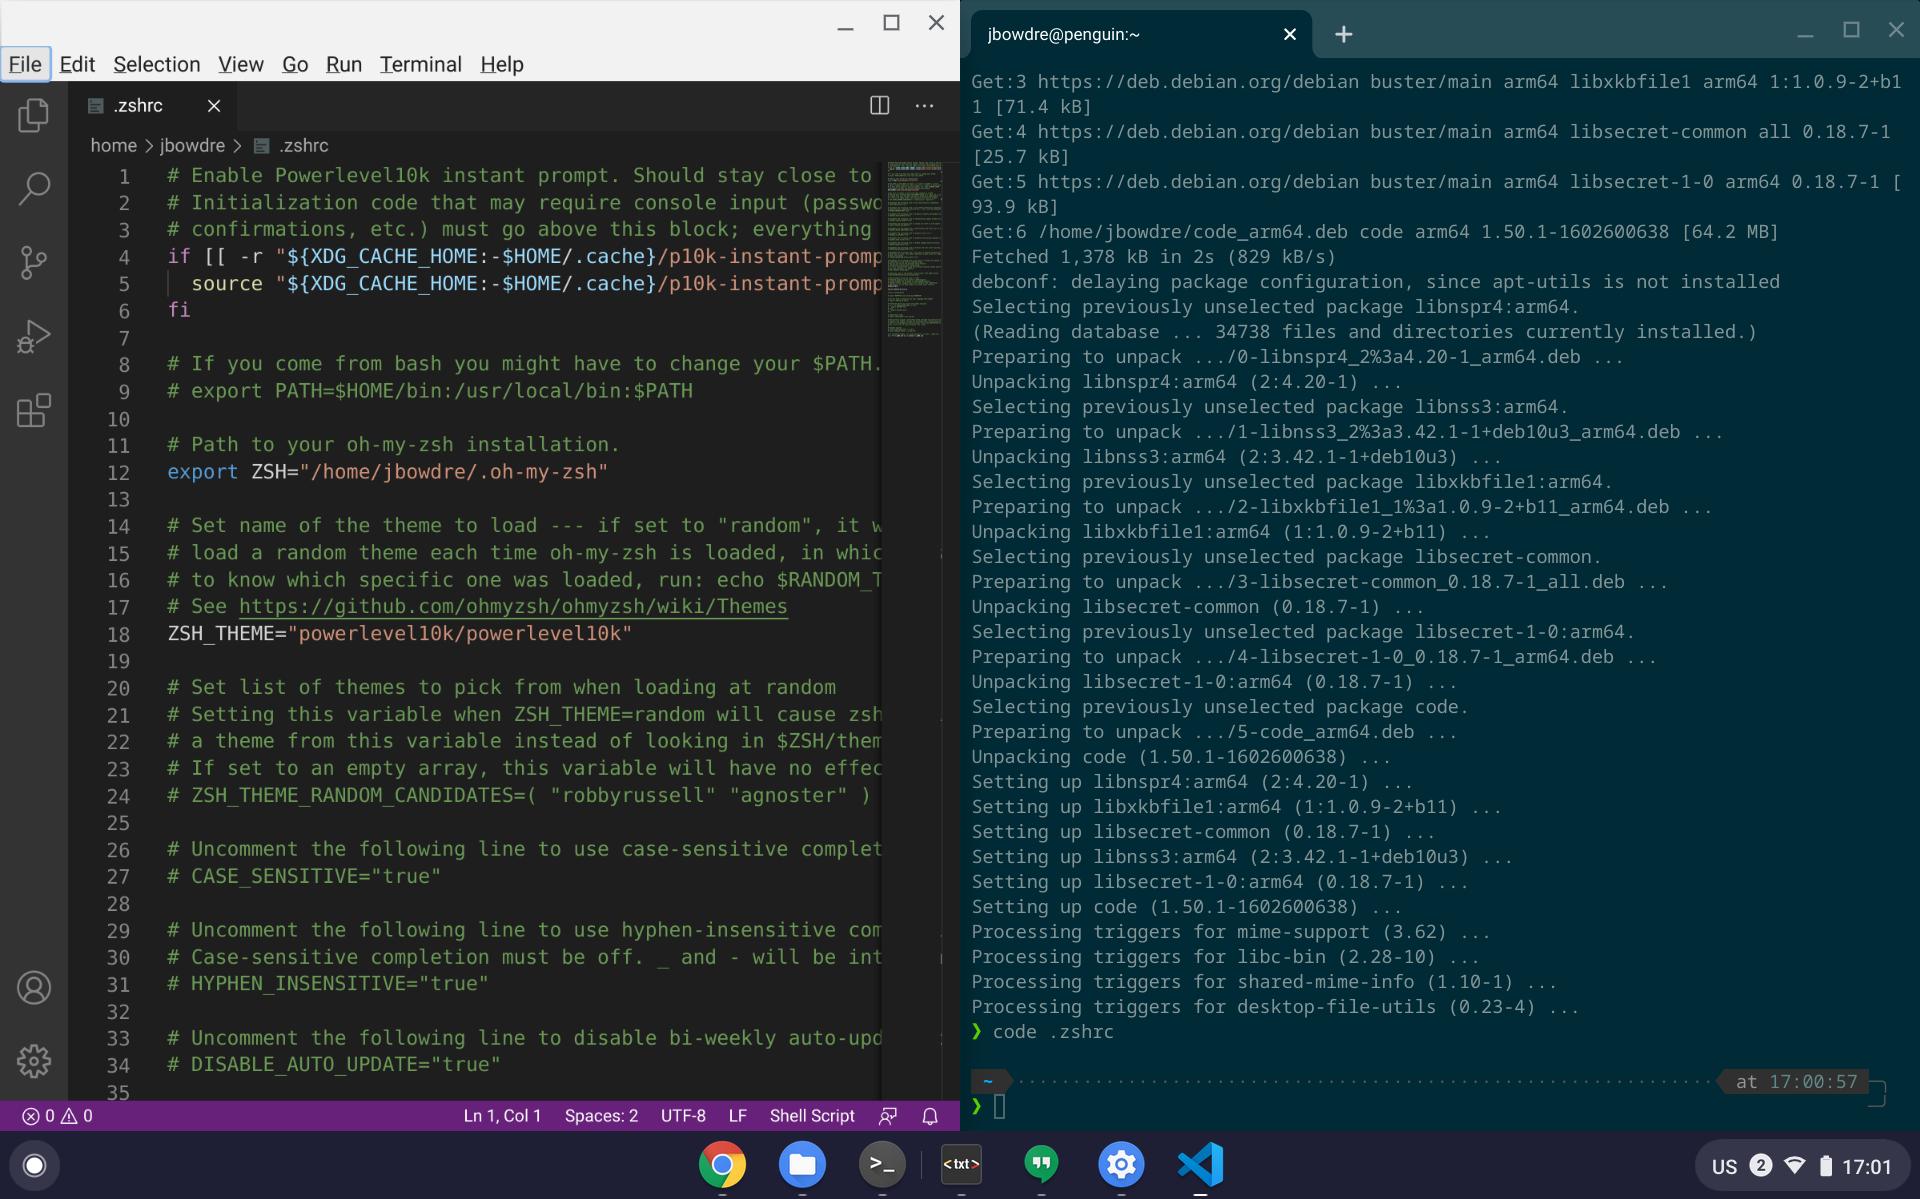 Screenshot 2020-10-27 at 17.01.30.png